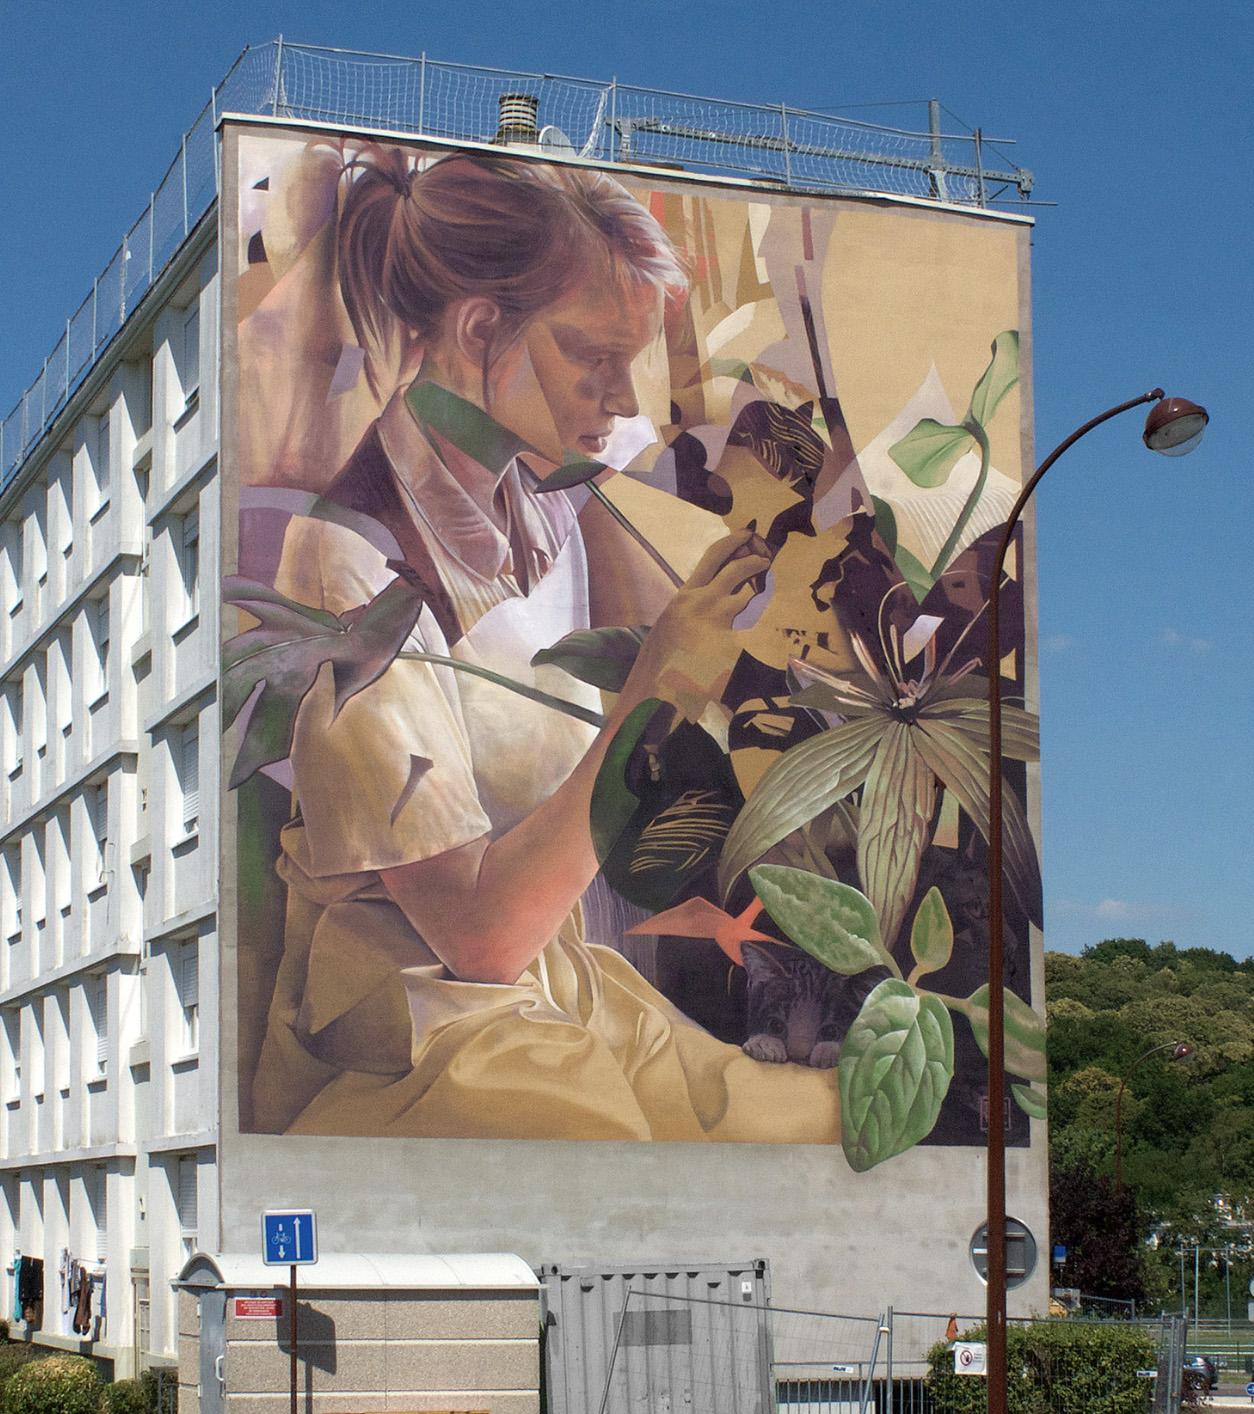 Top 15 dos Murais sobre Crianças Artes & contextos Telmo